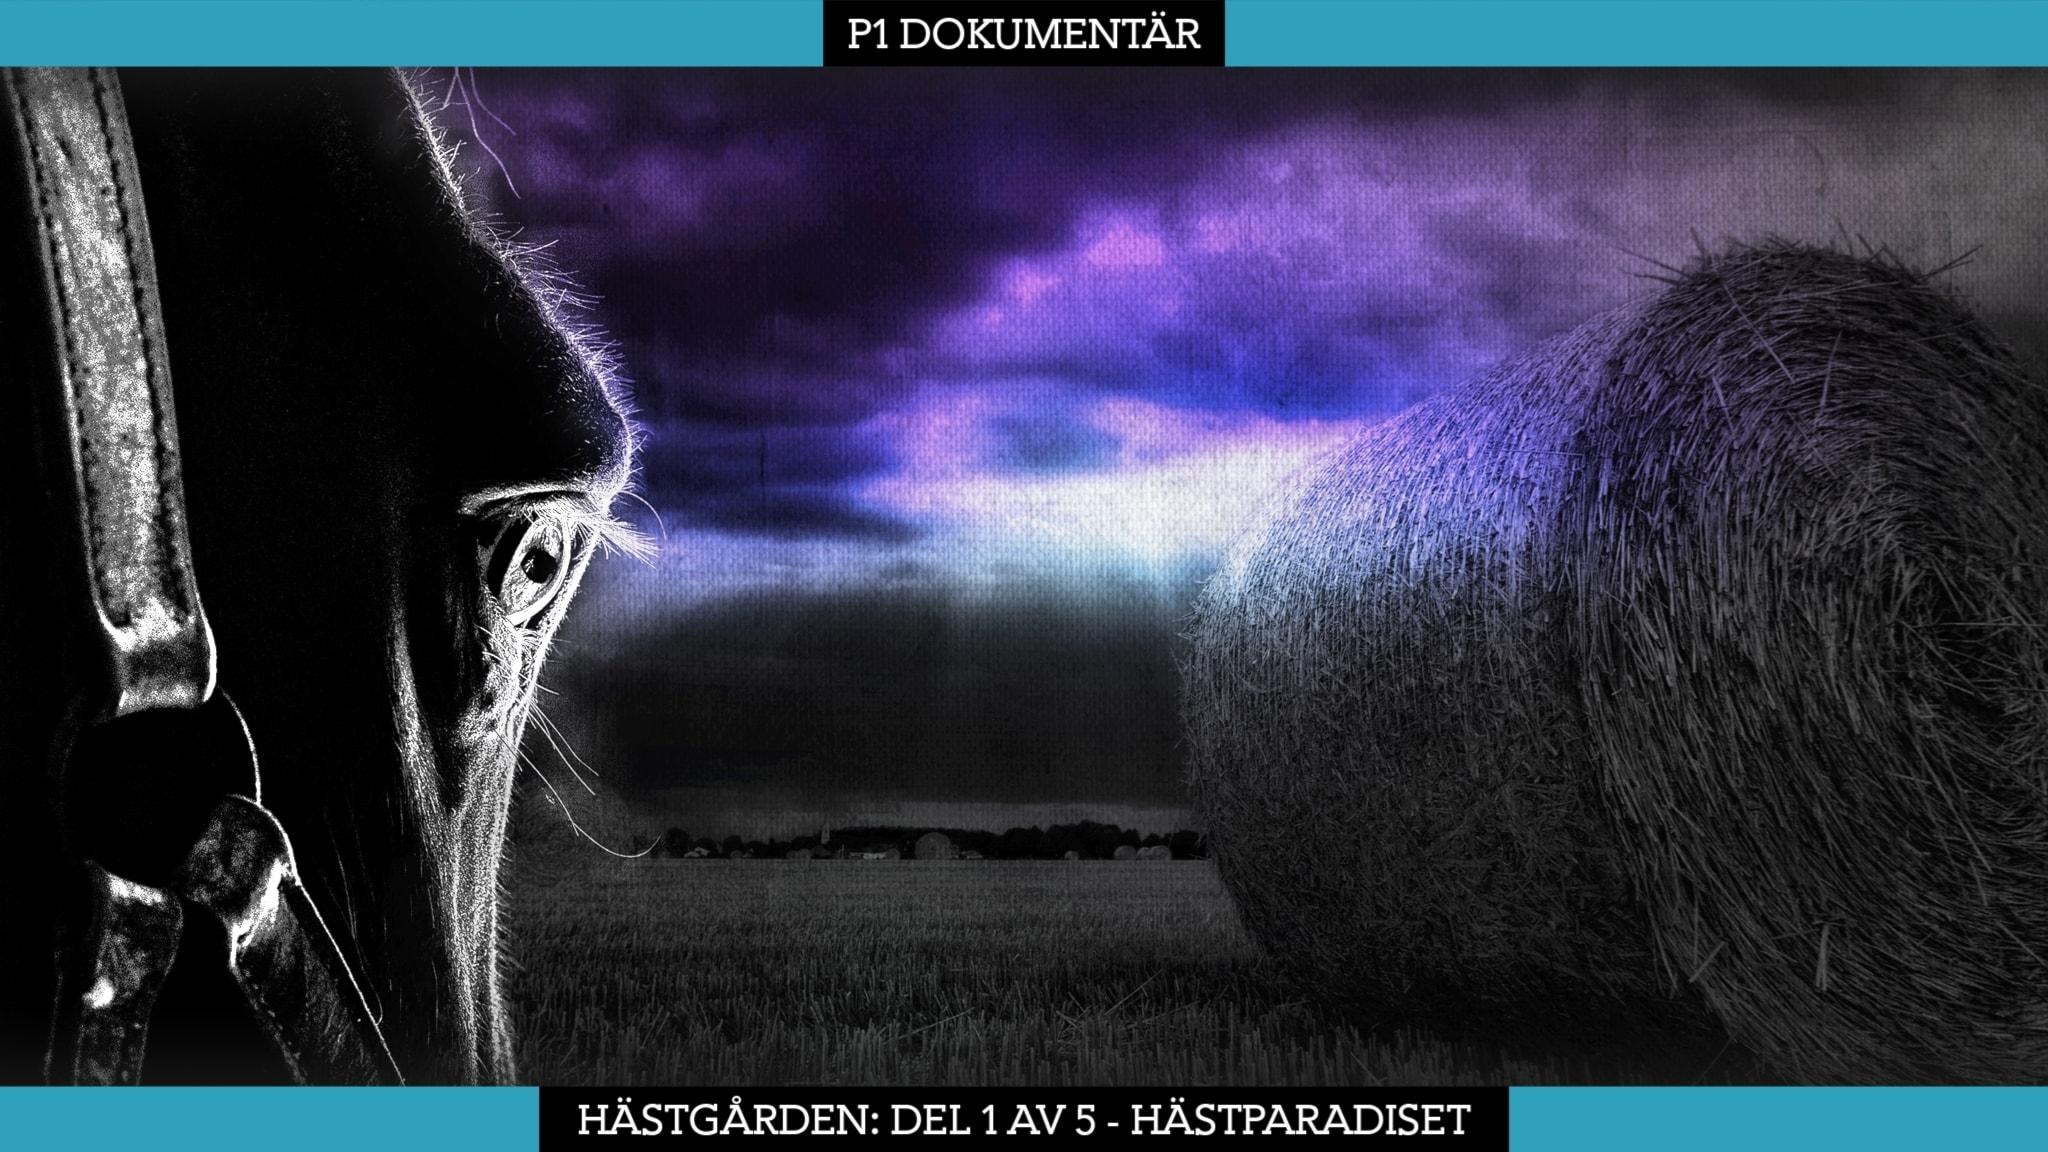 Del 1/5. Hästgården – Hästparadiset